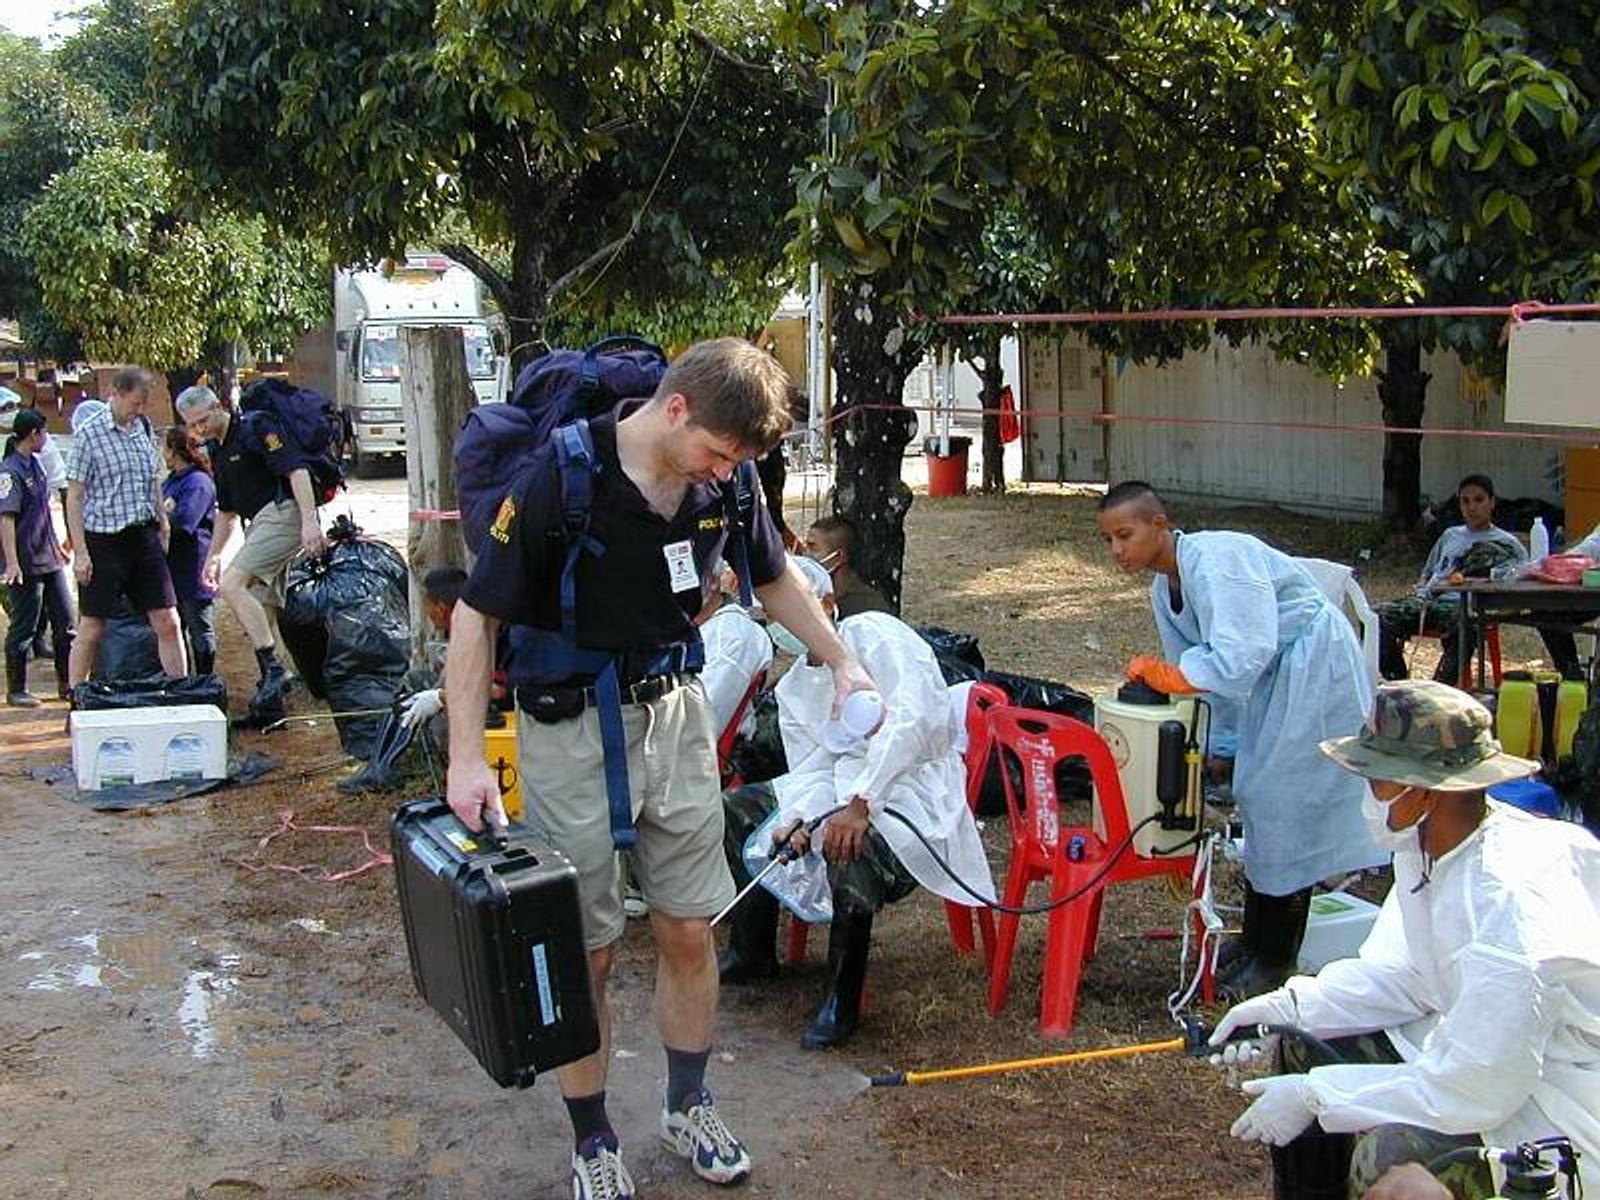 Rettsmedisinere og politi ble sprayet med desinfiserende middel. Det var sterkt og det tok livet av fluer forteller Rognum i dag. Flere av de norske rettsmedisinerne har i ettertid blitt behandlet for luftveisplager.